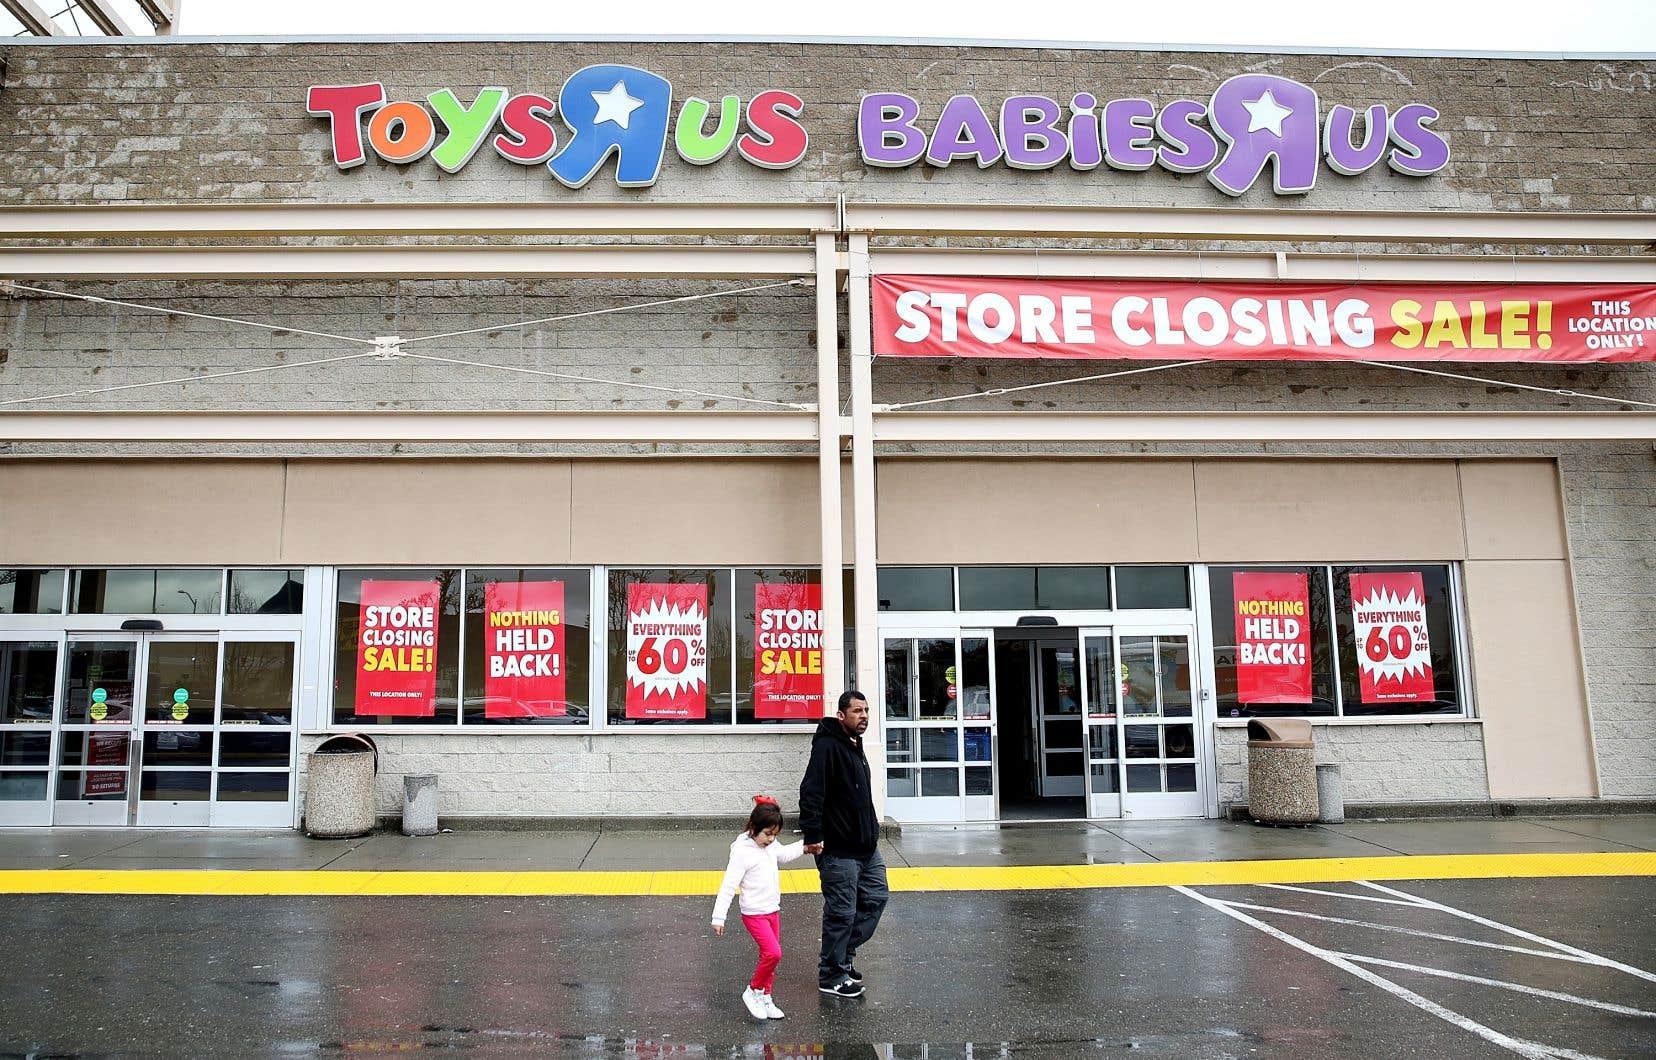 Mercredi, la compagnie américaine a confirmé à ses employés qu'elle envisageait de fermer chacun de ses quelque 740 magasins aux États-Unis, ce qui devrait entraîner l'abolition d'environ 30 000 emplois.